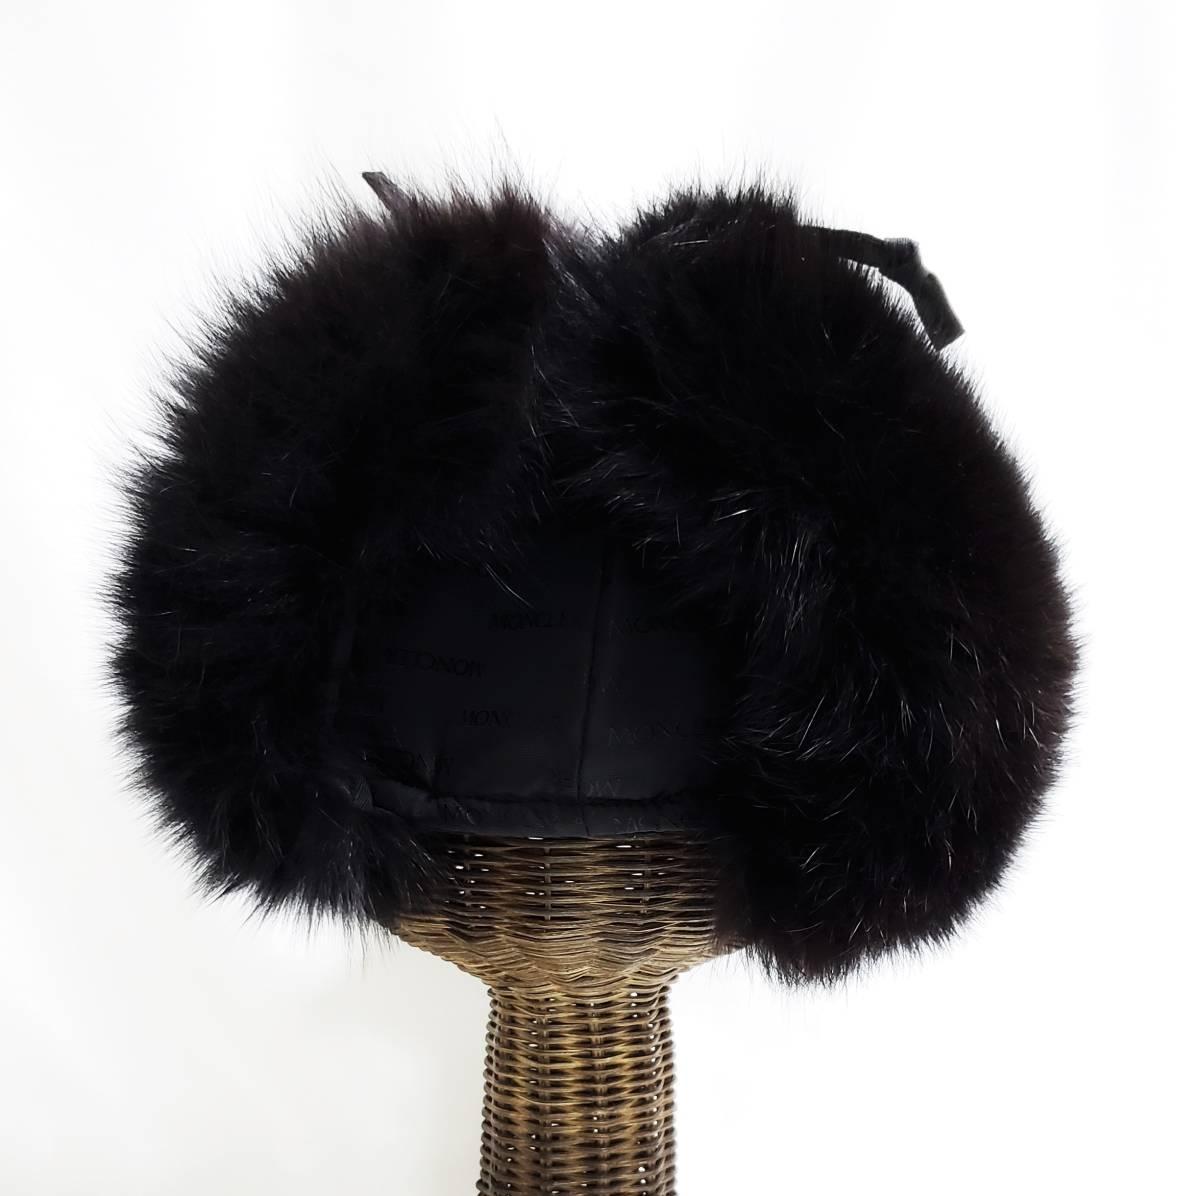 希少 新品同様 モンクレール MONCLER ボリュームファーが素敵な フォックス ファー 耳当て付き 帽子 パイロット キャップ 黒 フリーサイズ _画像5